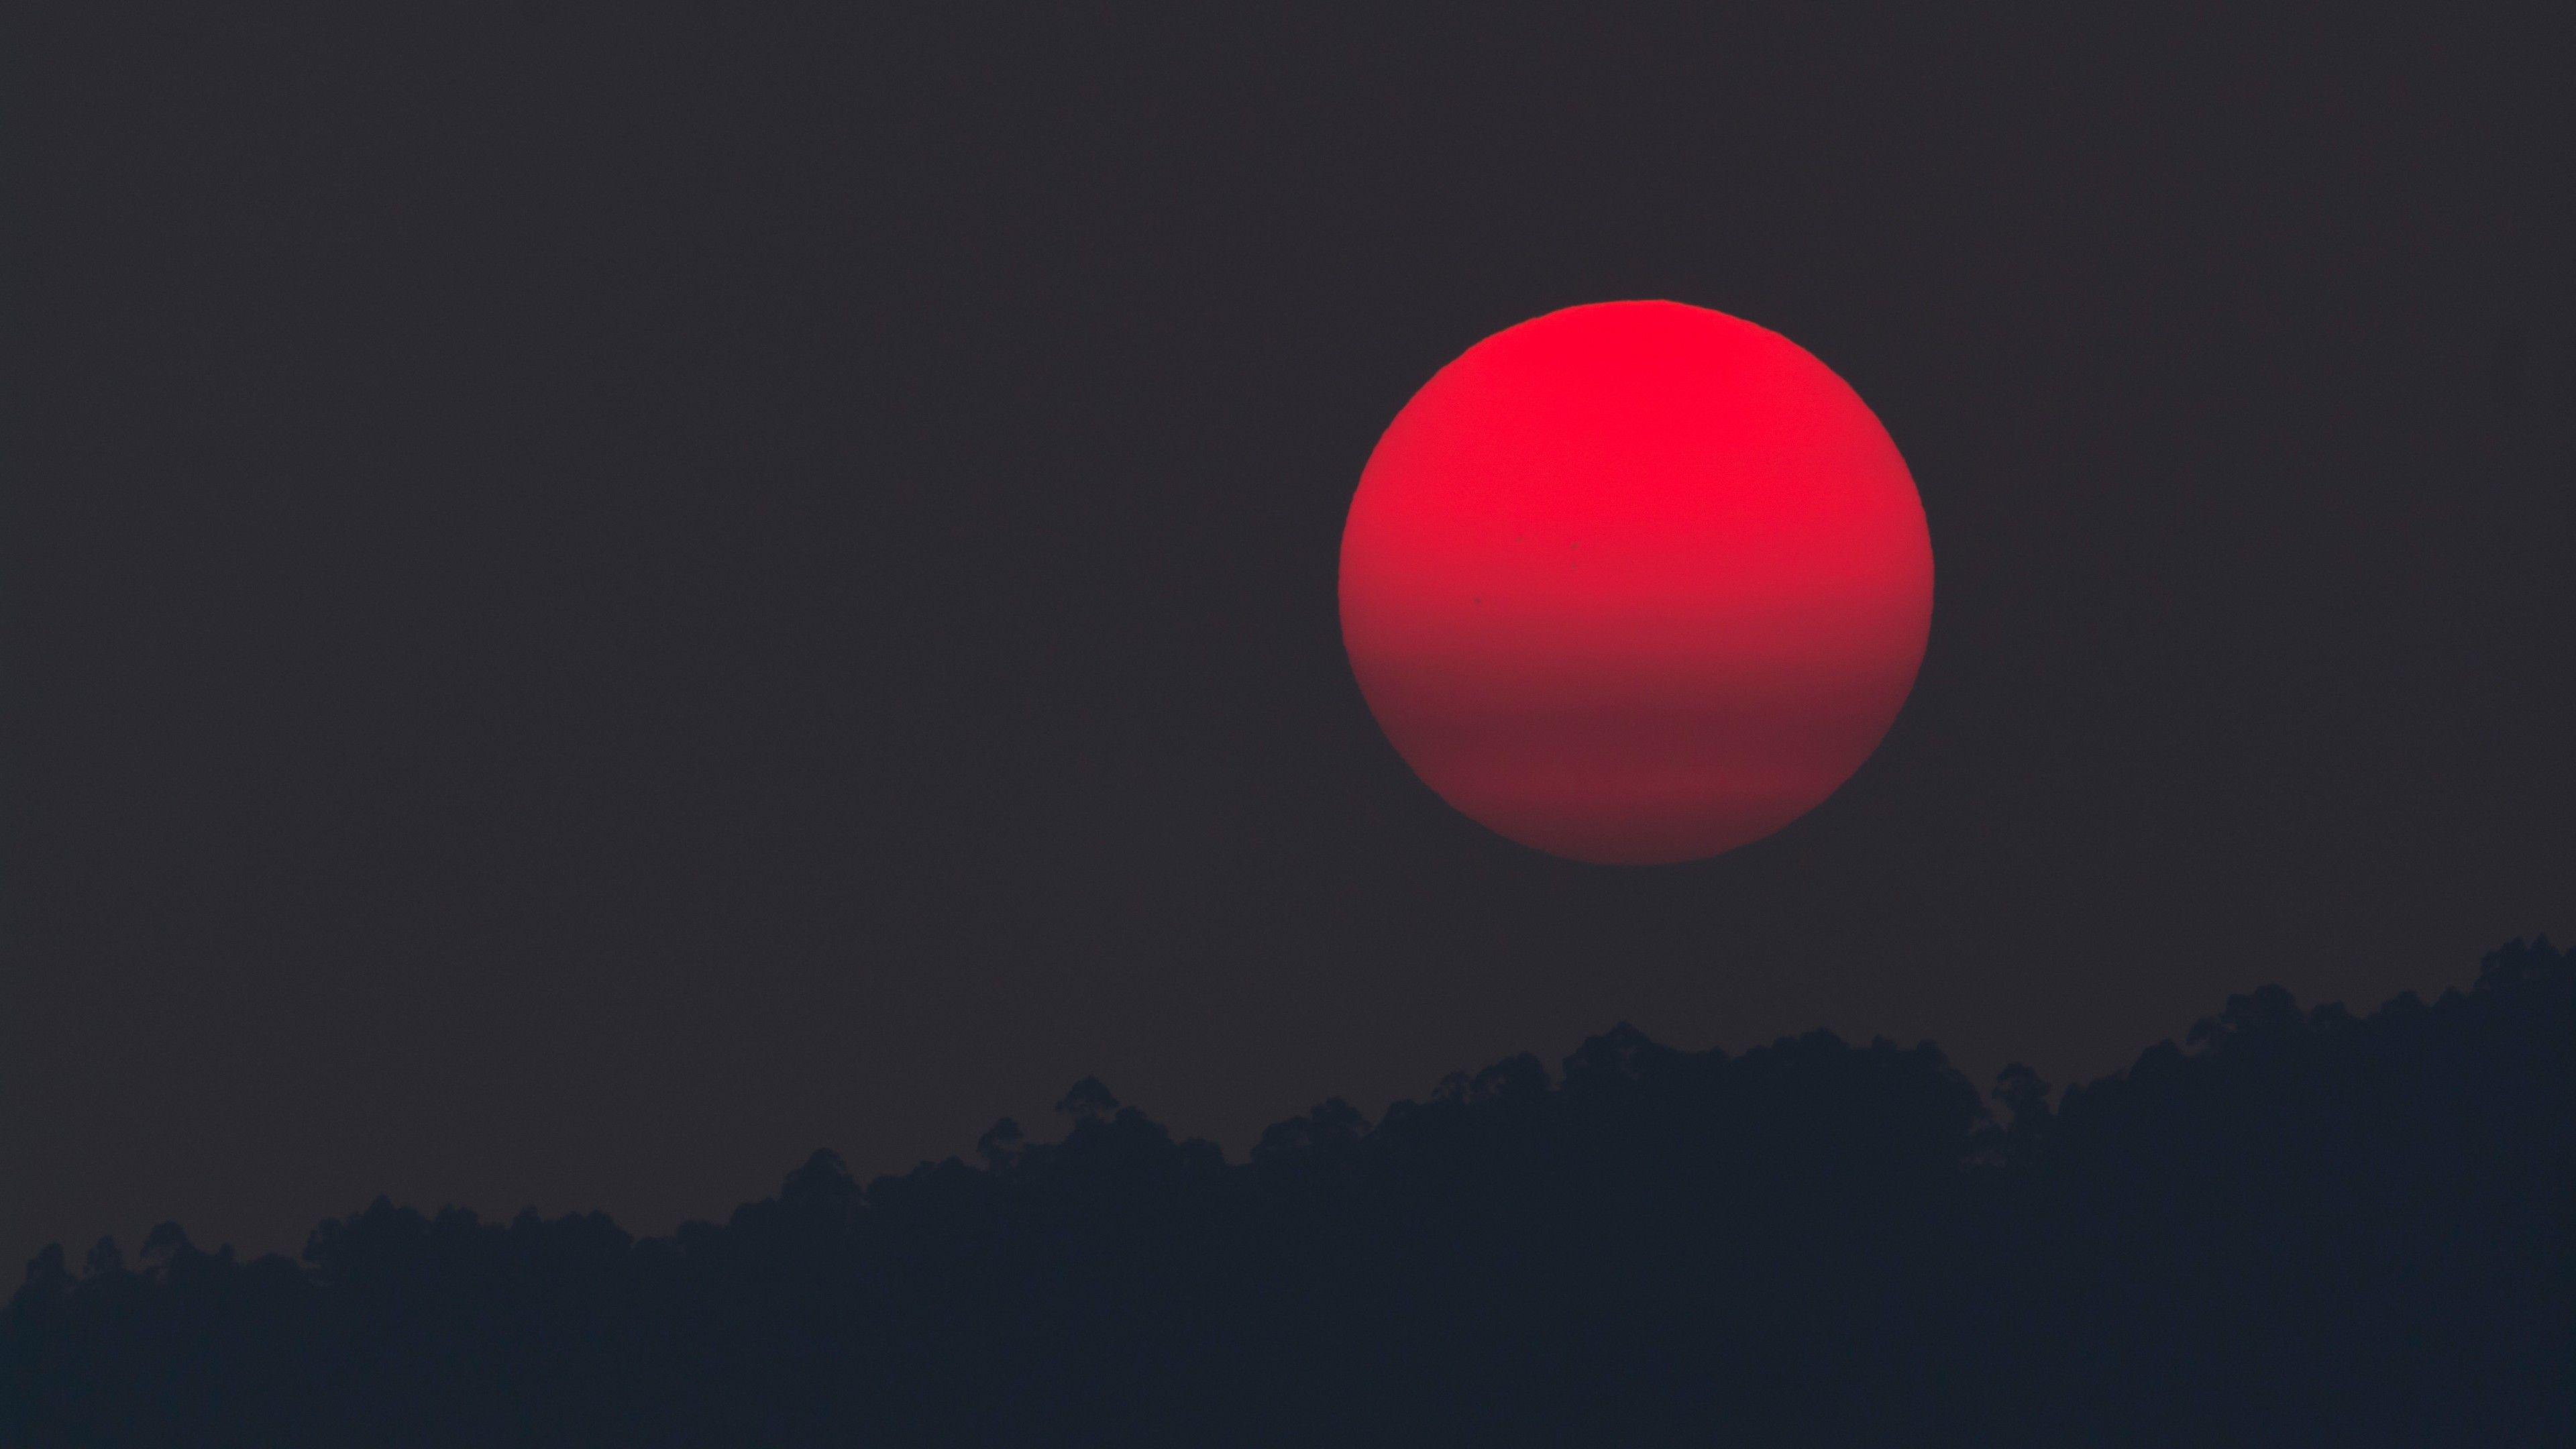 夕阳无限好4k高清图片壁纸下载